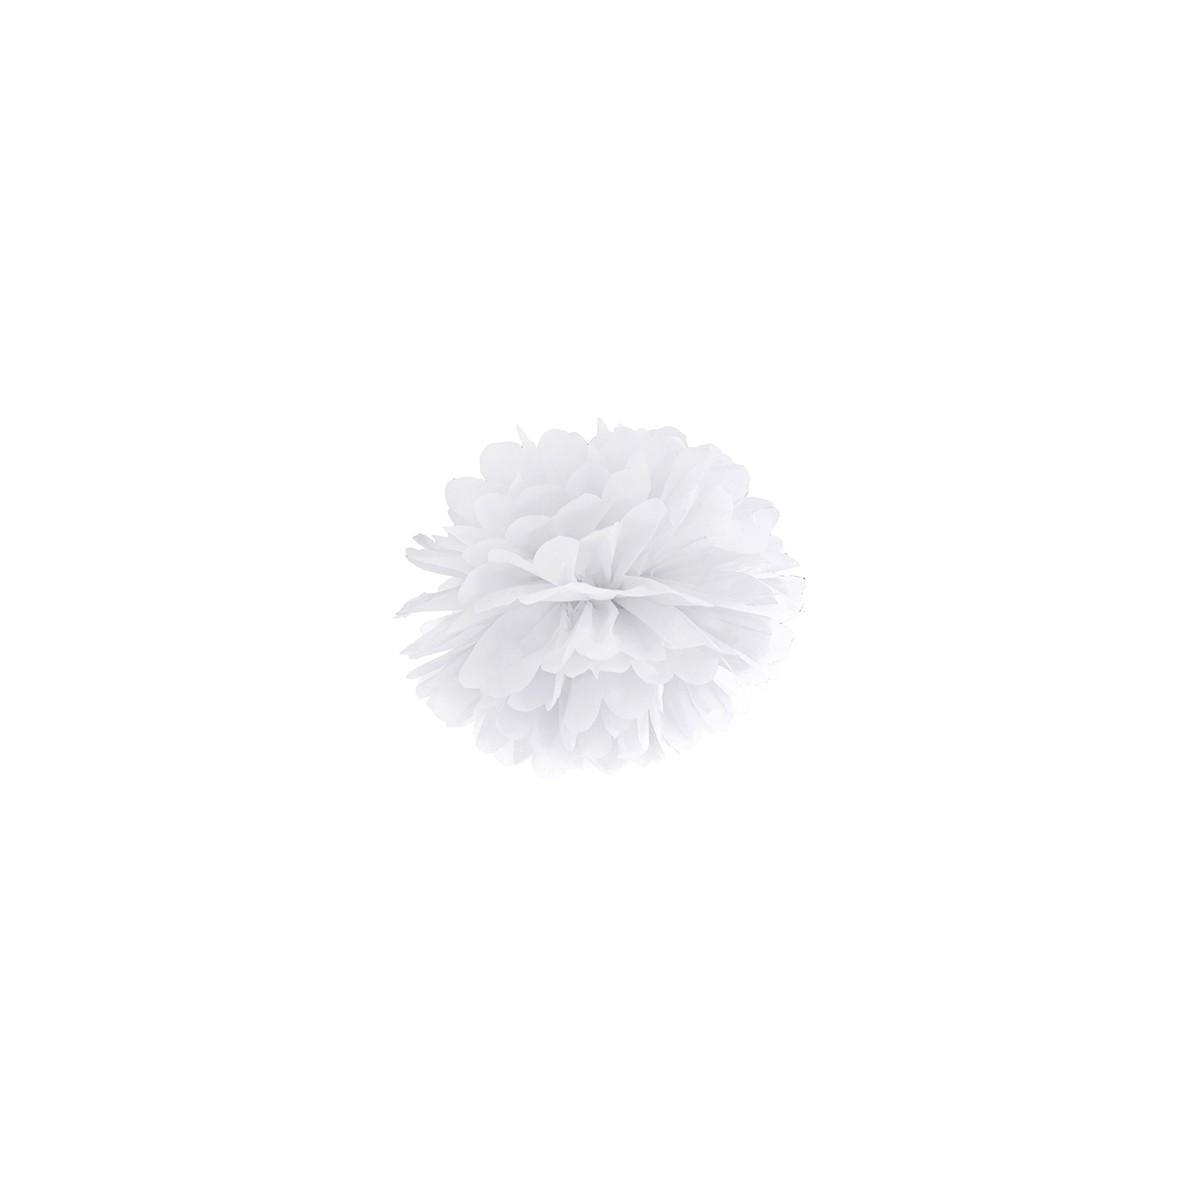 Pompon Papier de Soie 25 cm - Blanc